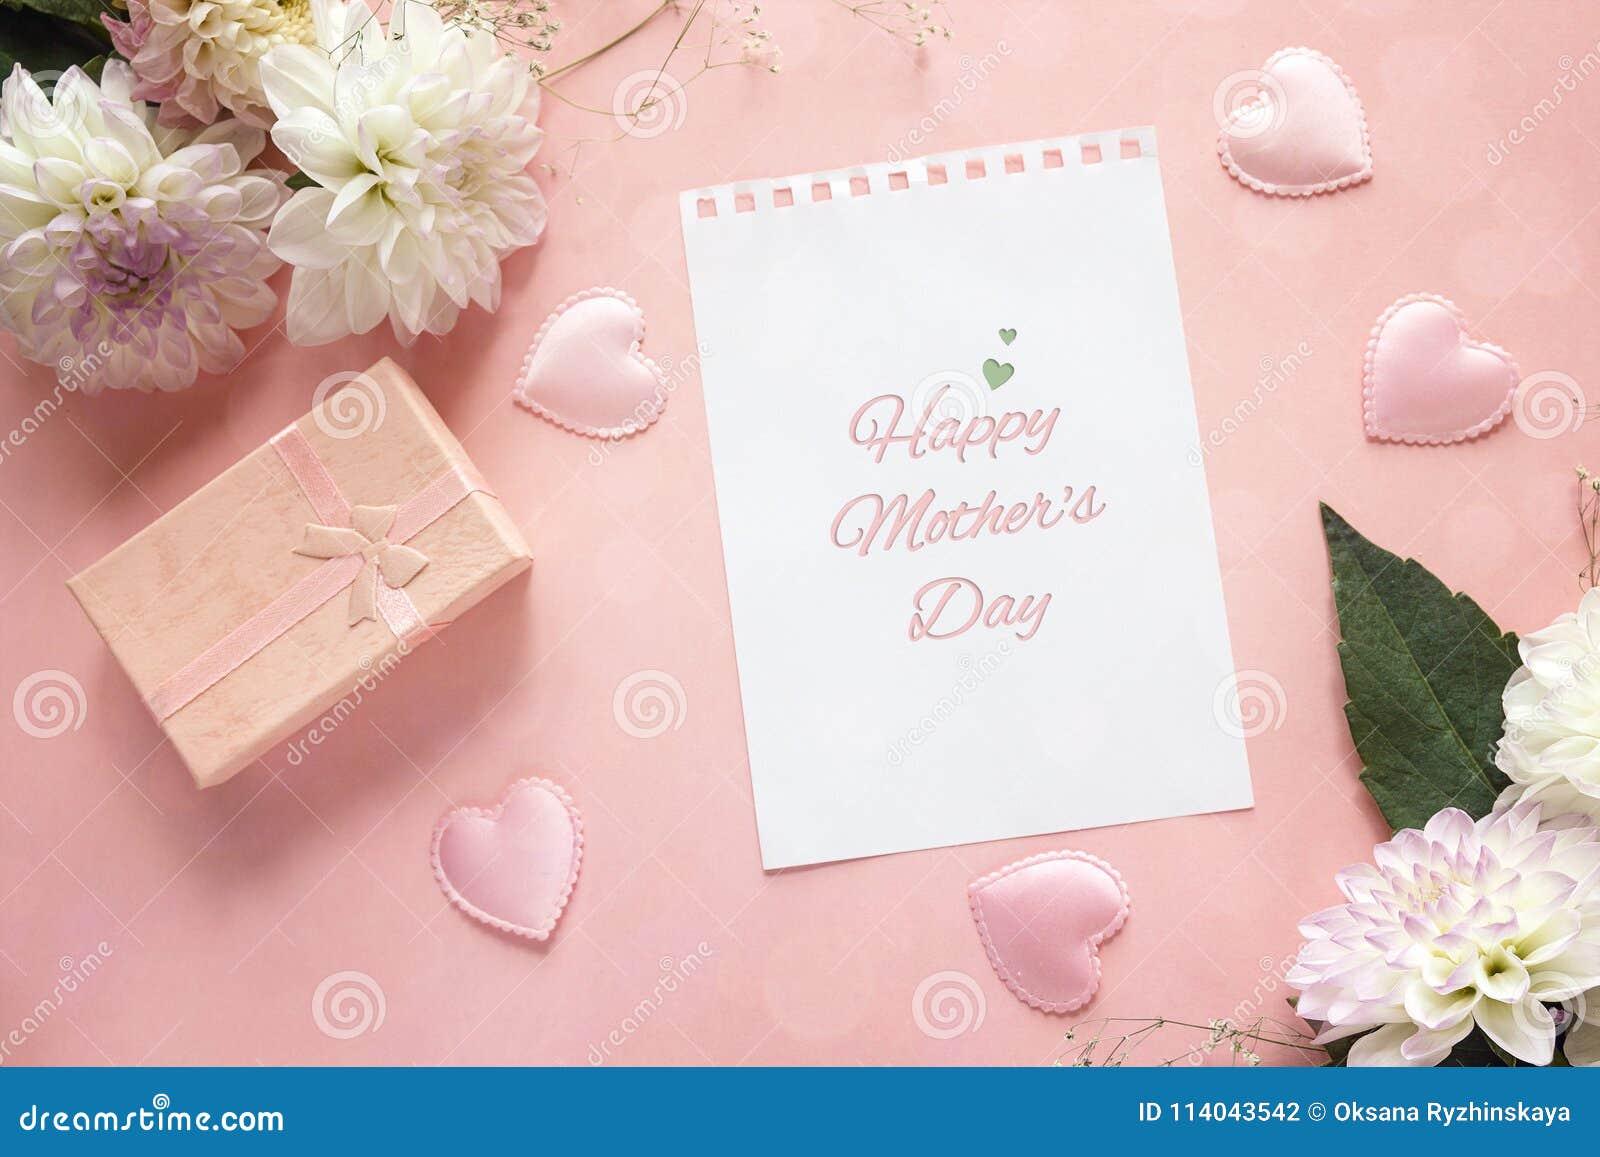 Сообщение приветствию дня матерей с георгинами и подарочной коробкой на пинке